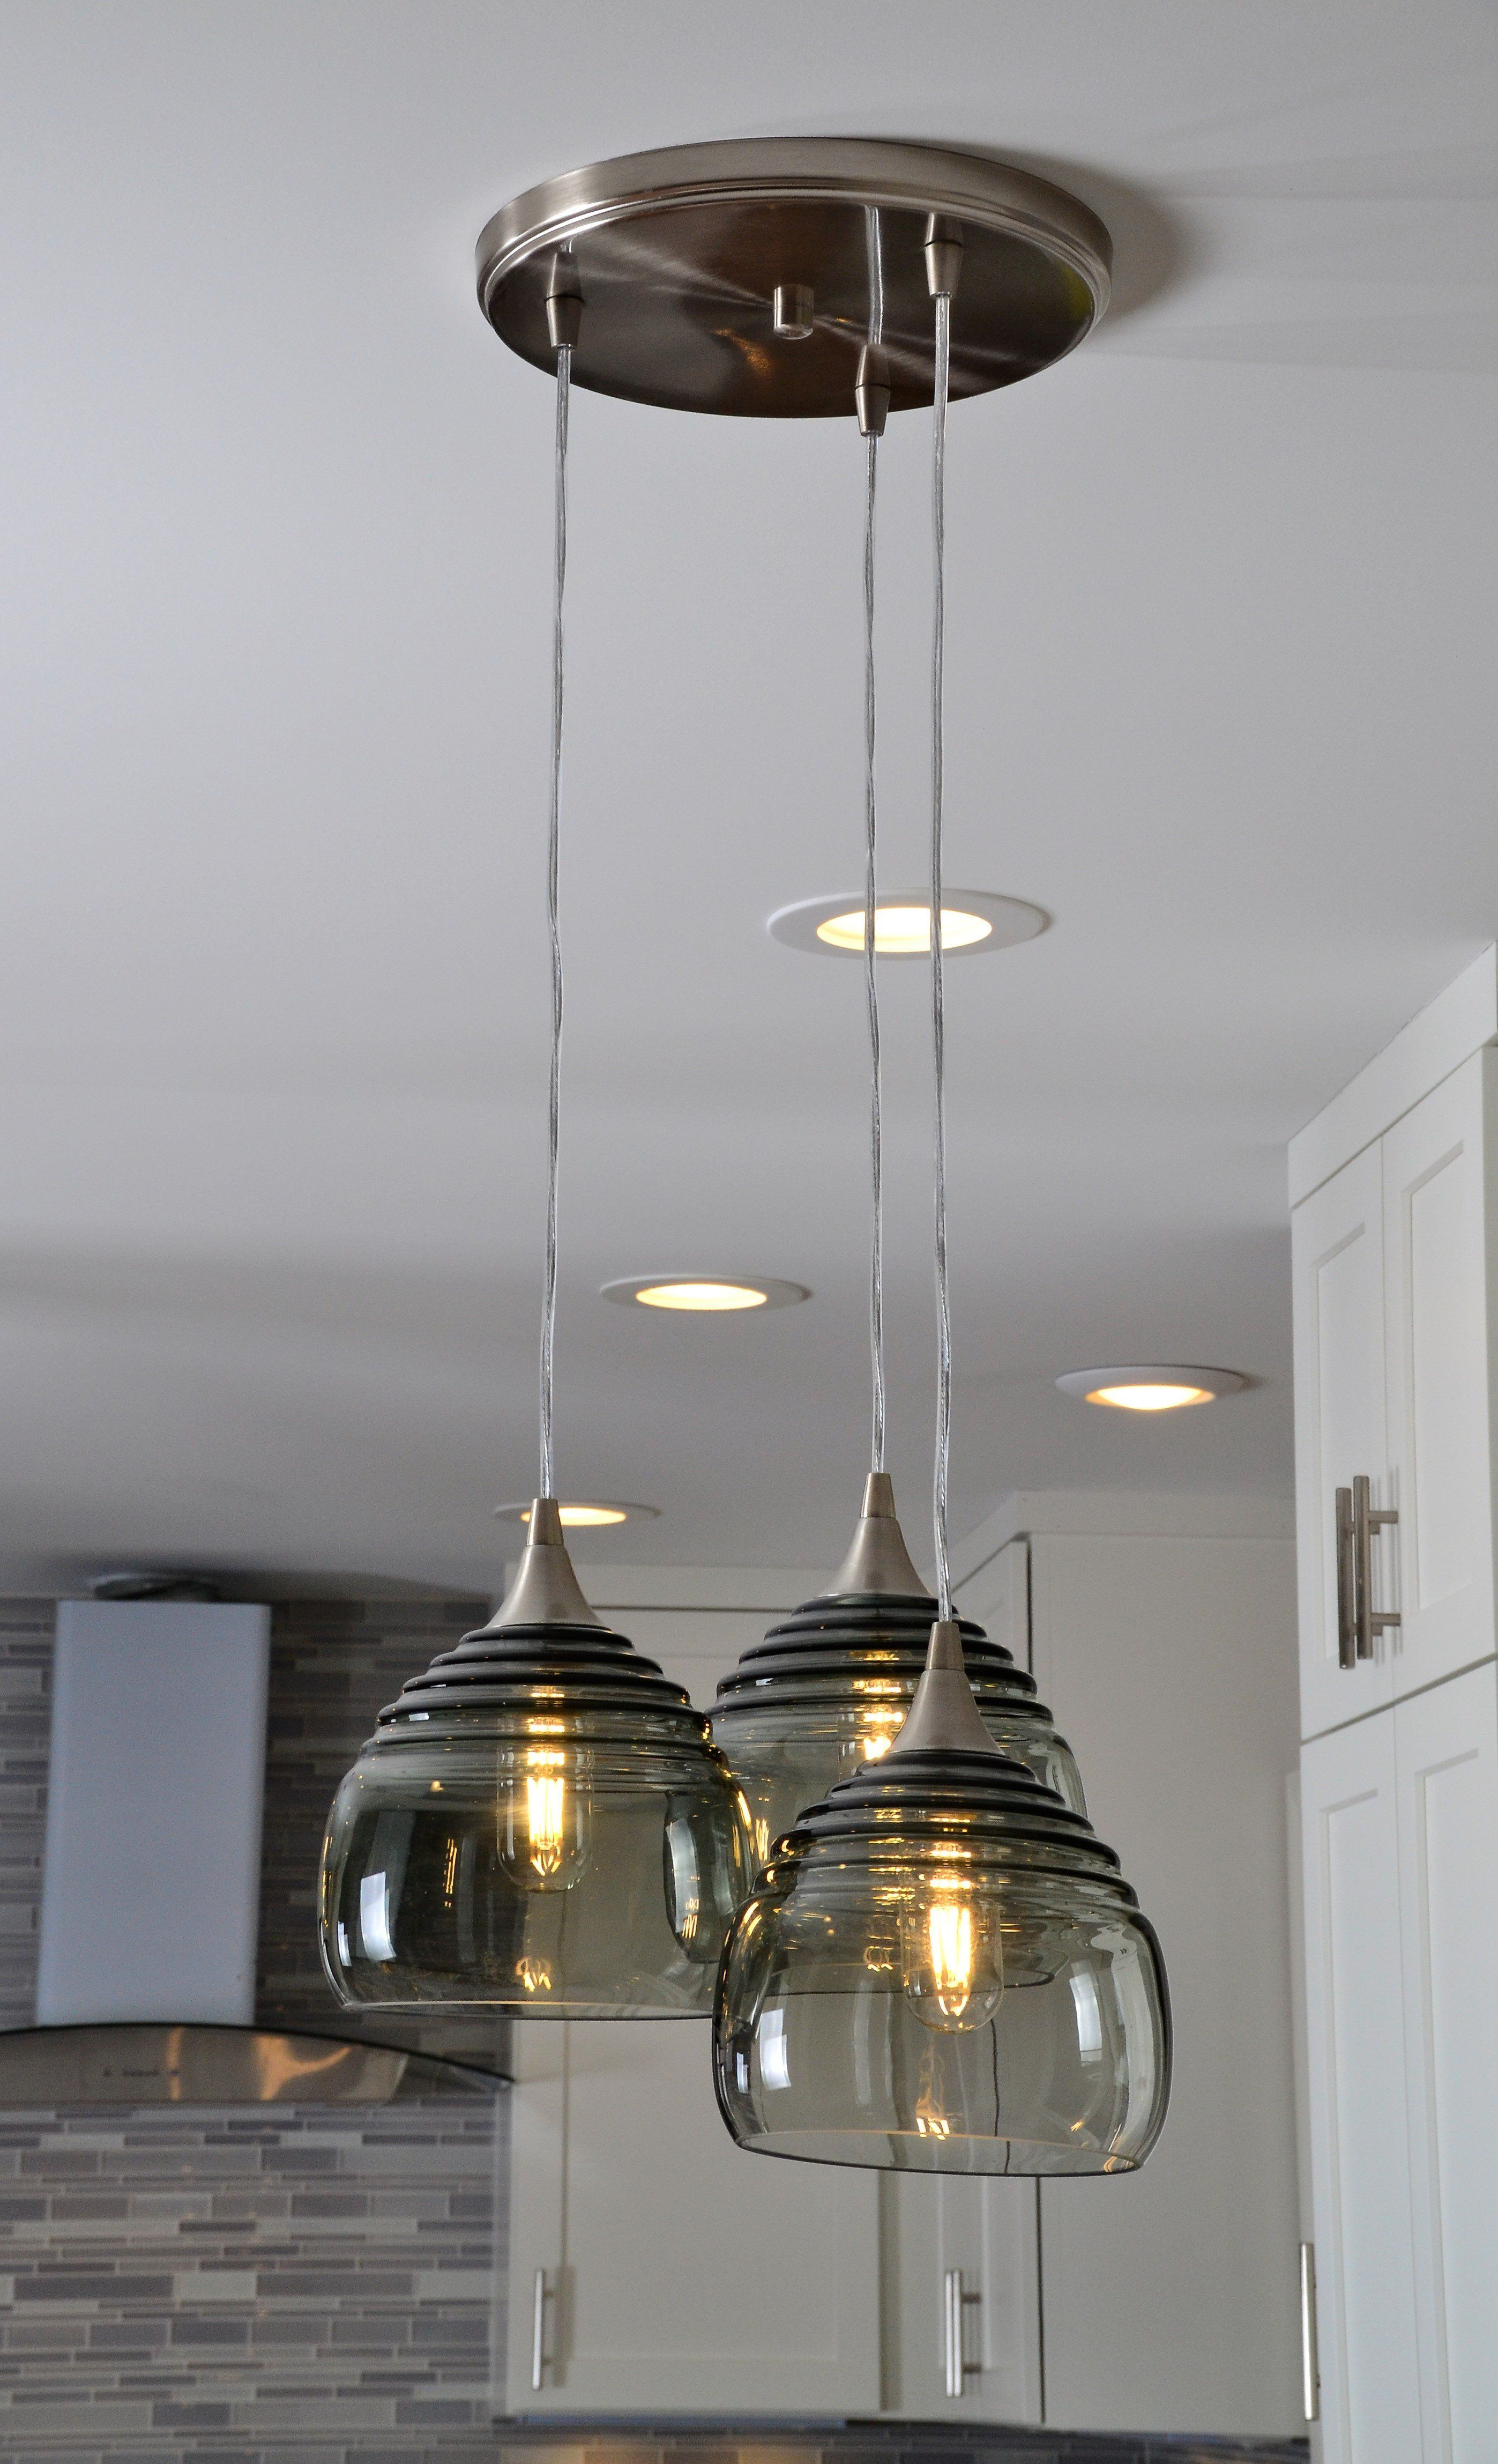 302 Lucent 3 Pendant Cascade Chandelier Pendant Light Fixtures Ceiling Pendant Lights Pendant Lighting